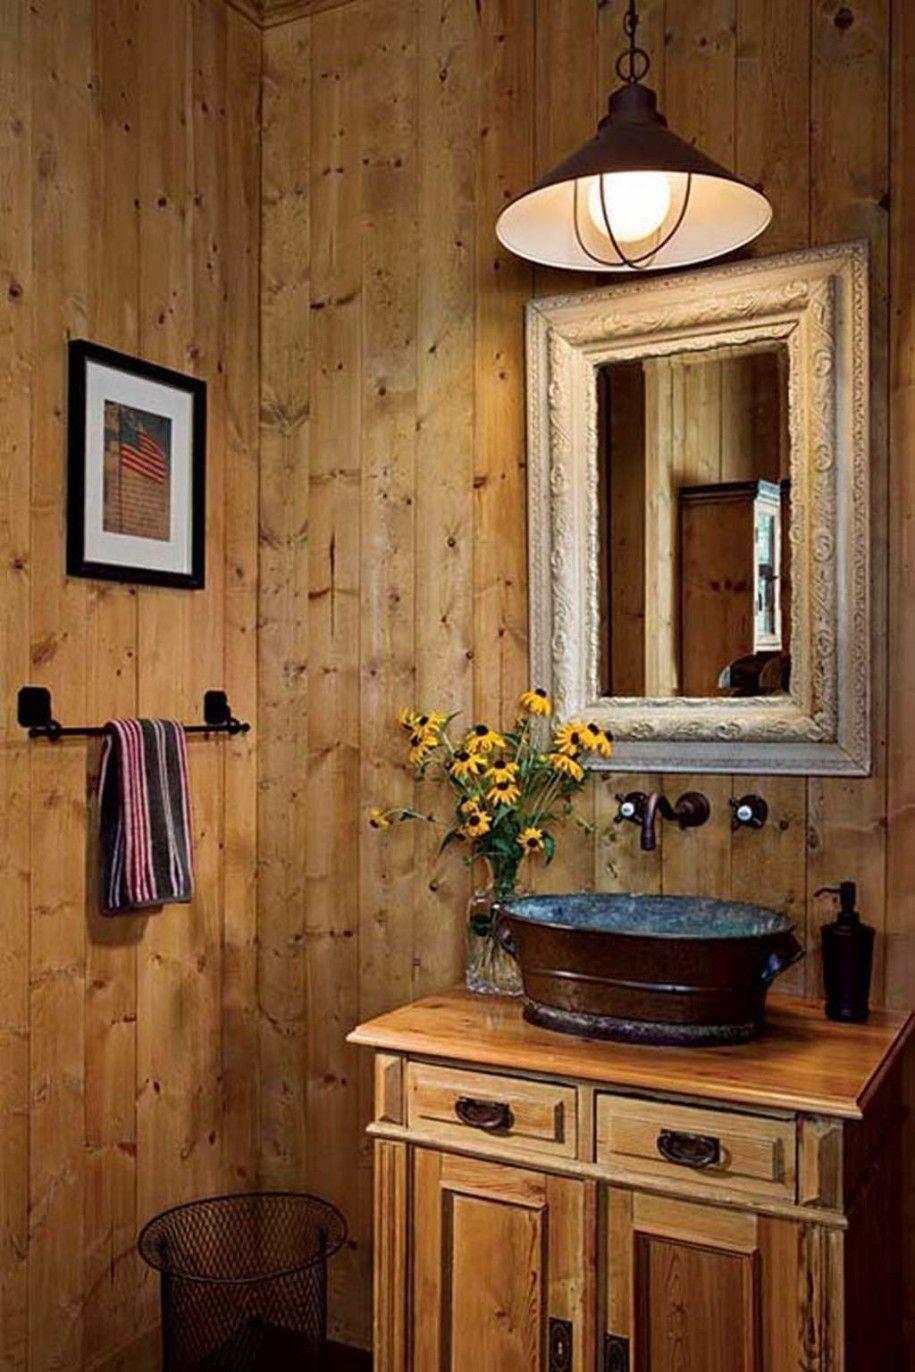 8 Alluring Rustic Bathroom Vanities Custom Rustic Bathroom Vanities Small Rustic Bathrooms Rustic Bathrooms Rustic Bathroom Designs